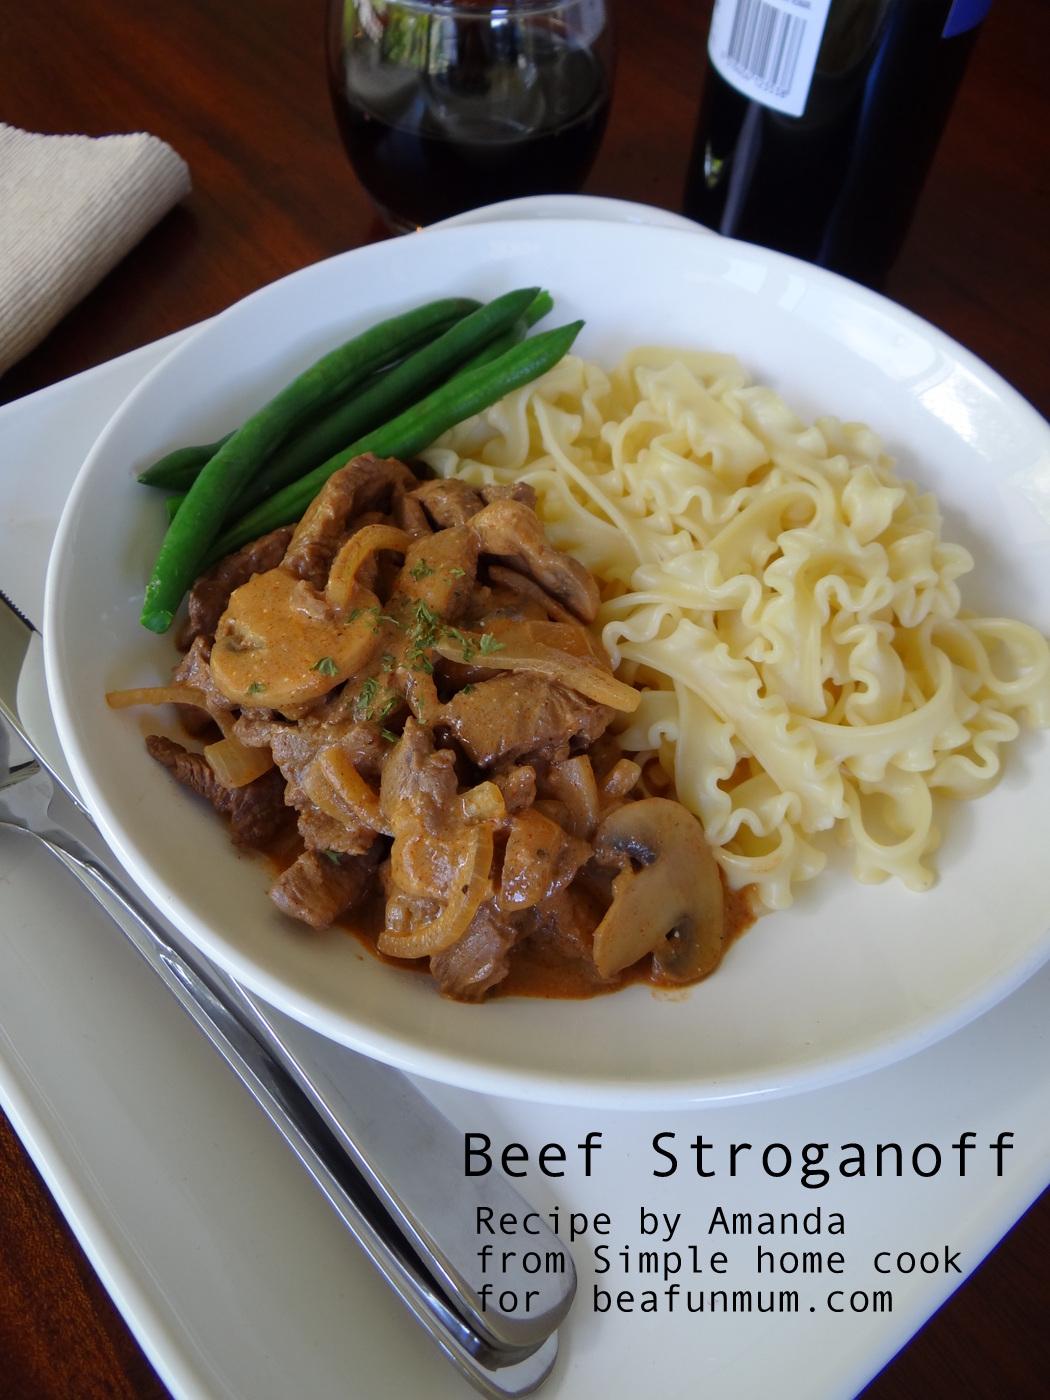 Beef Stroganoff Recipe - EASY